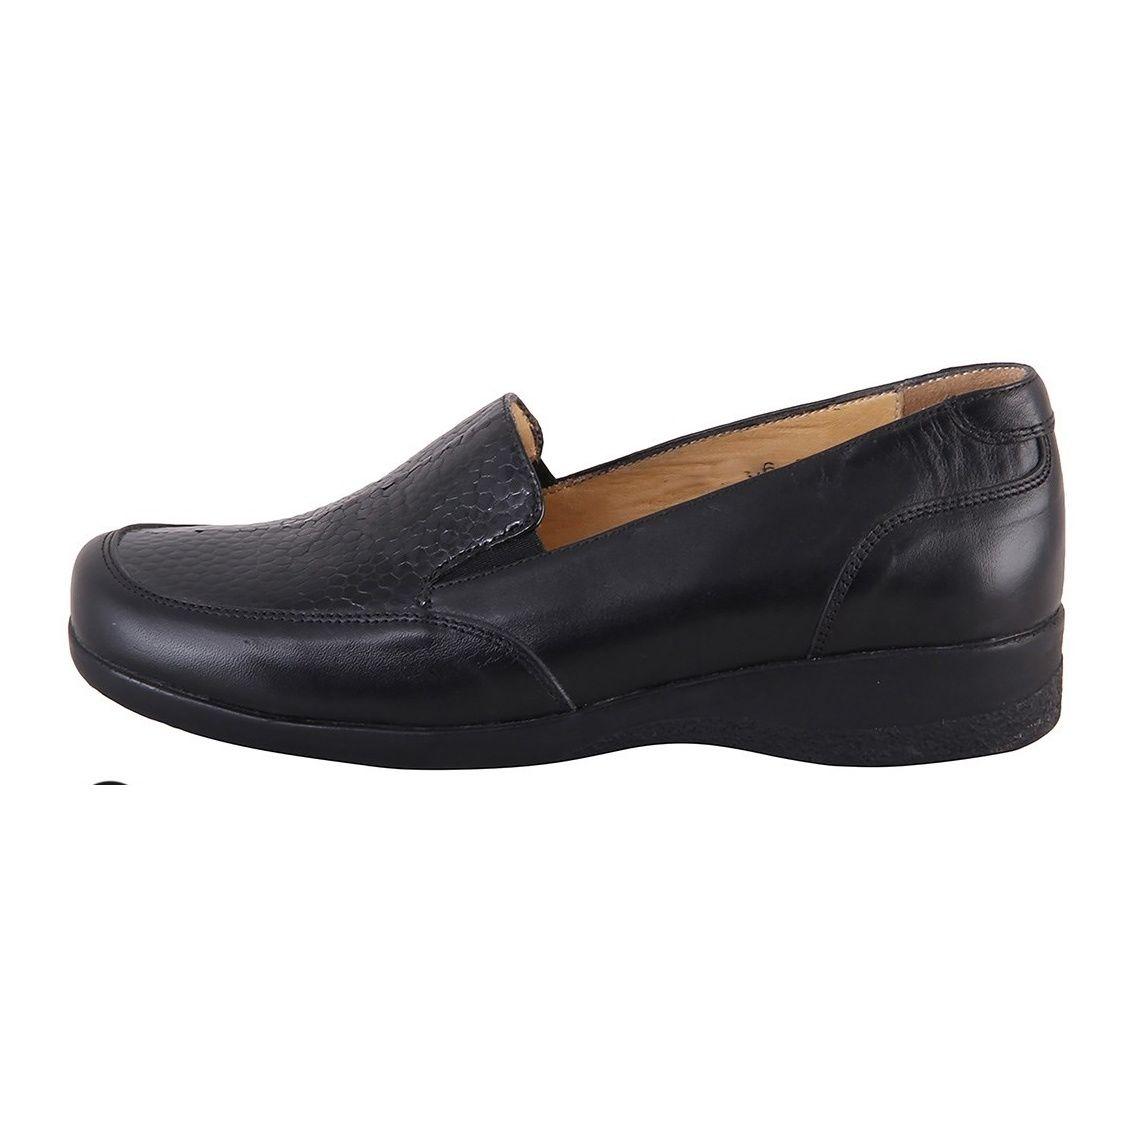 کفش زنانه  شهرچرم مدل 1-5574 -  - 2